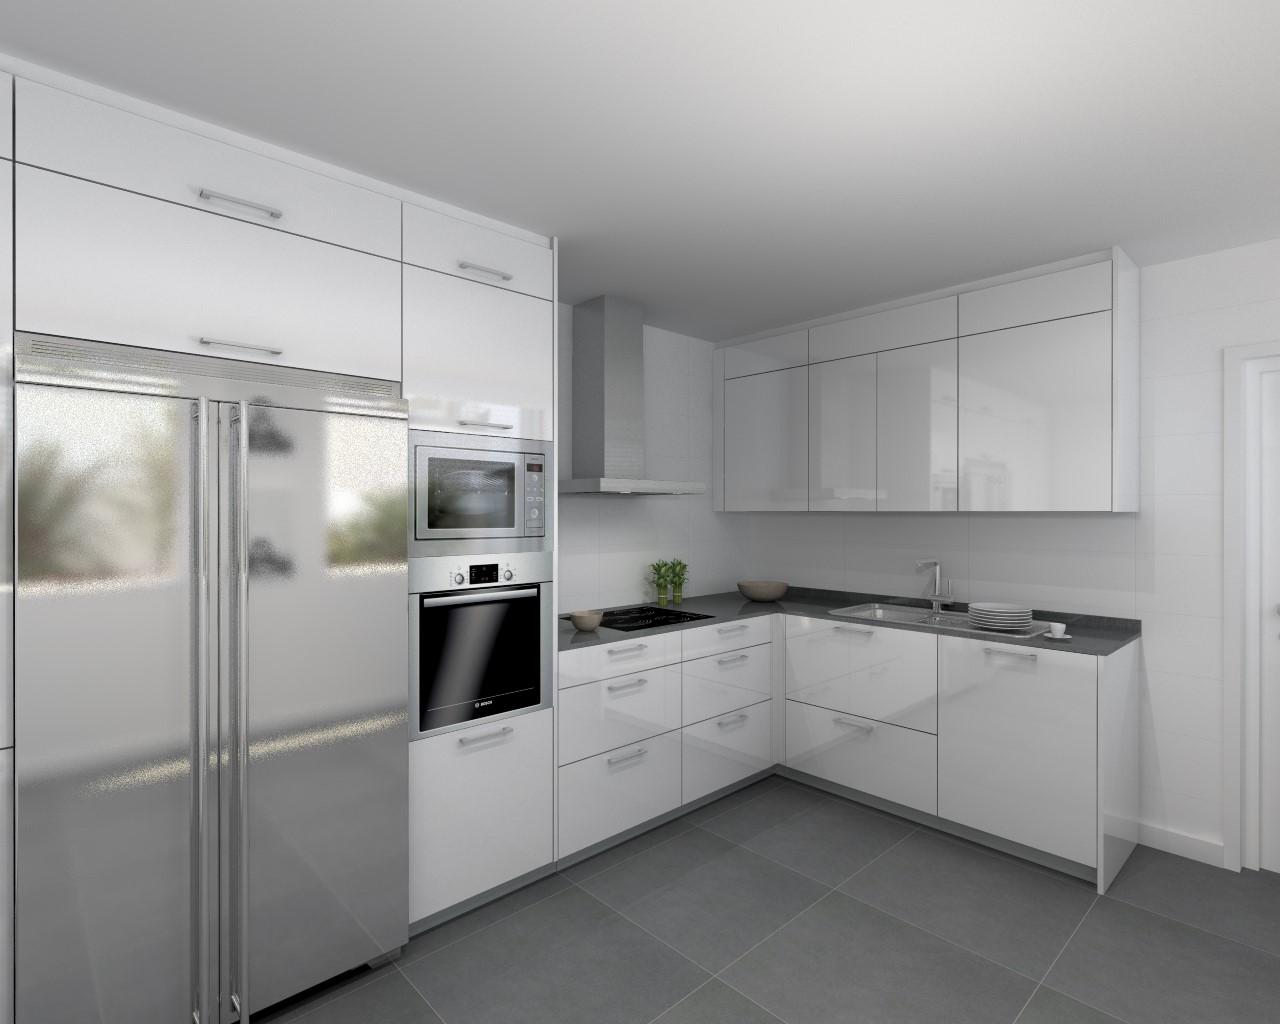 Aravaca cocina santos modelo plano laminado blanco for Encimera silestone blanco